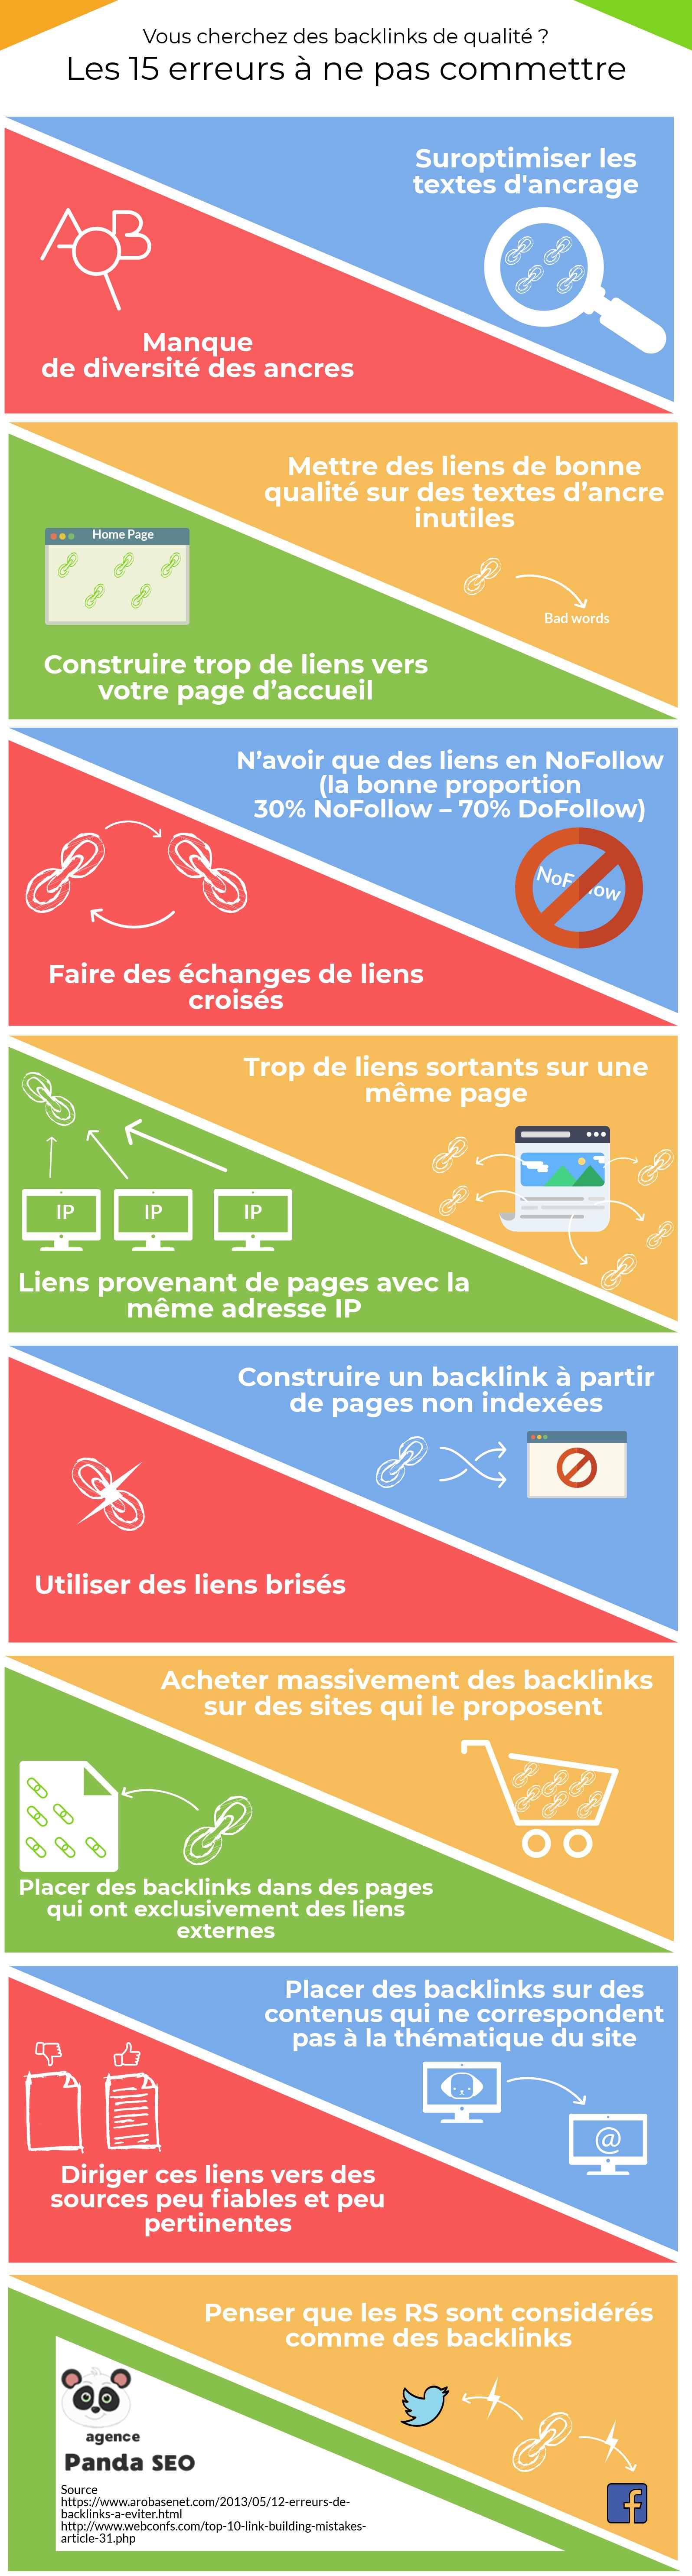 Infographie : 15 erreurs à éviter pour trouver des backlinks de qualité